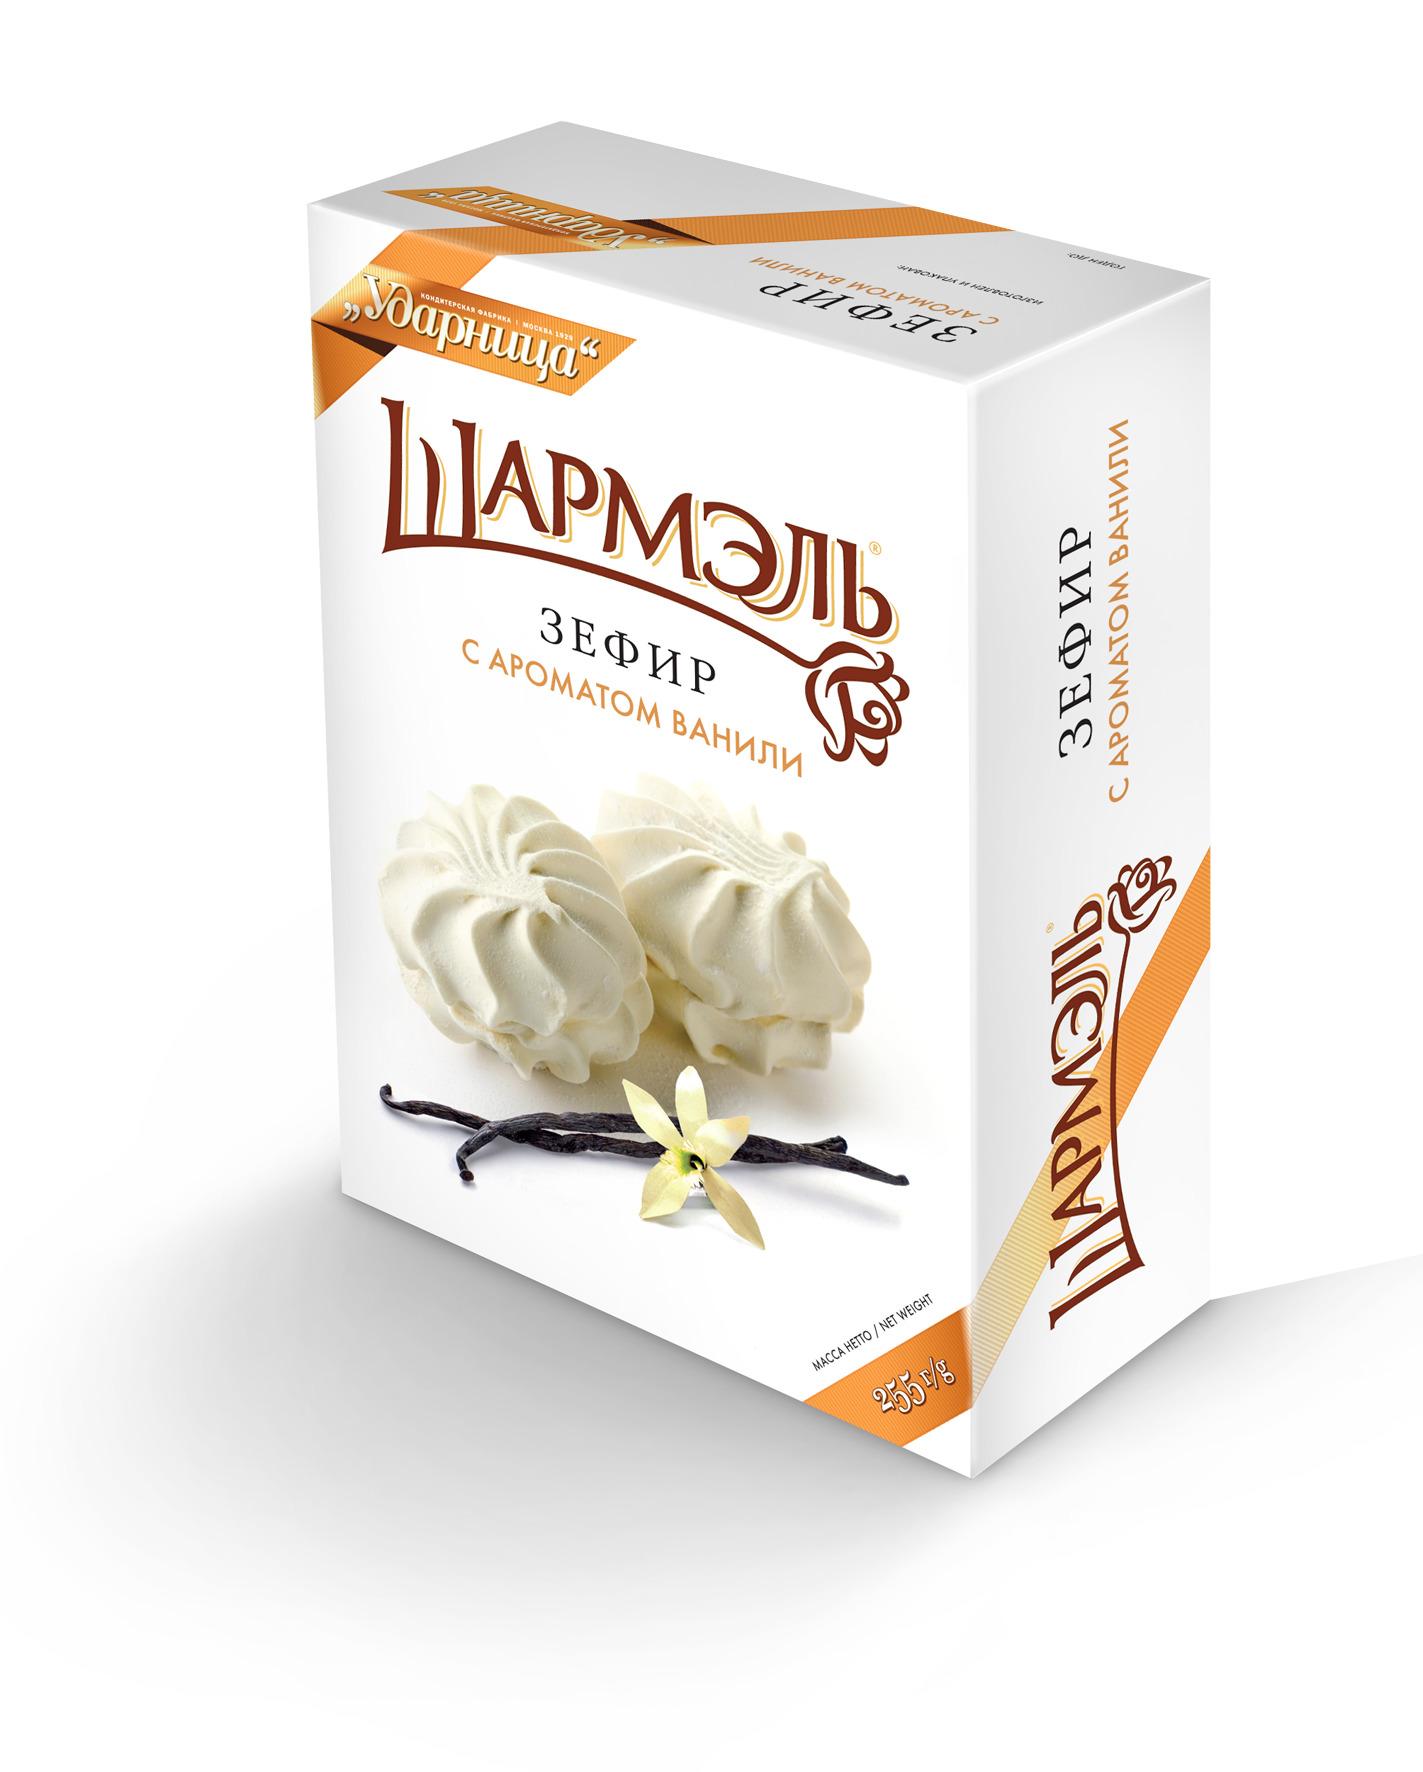 Зефир Ваниль Шармэль